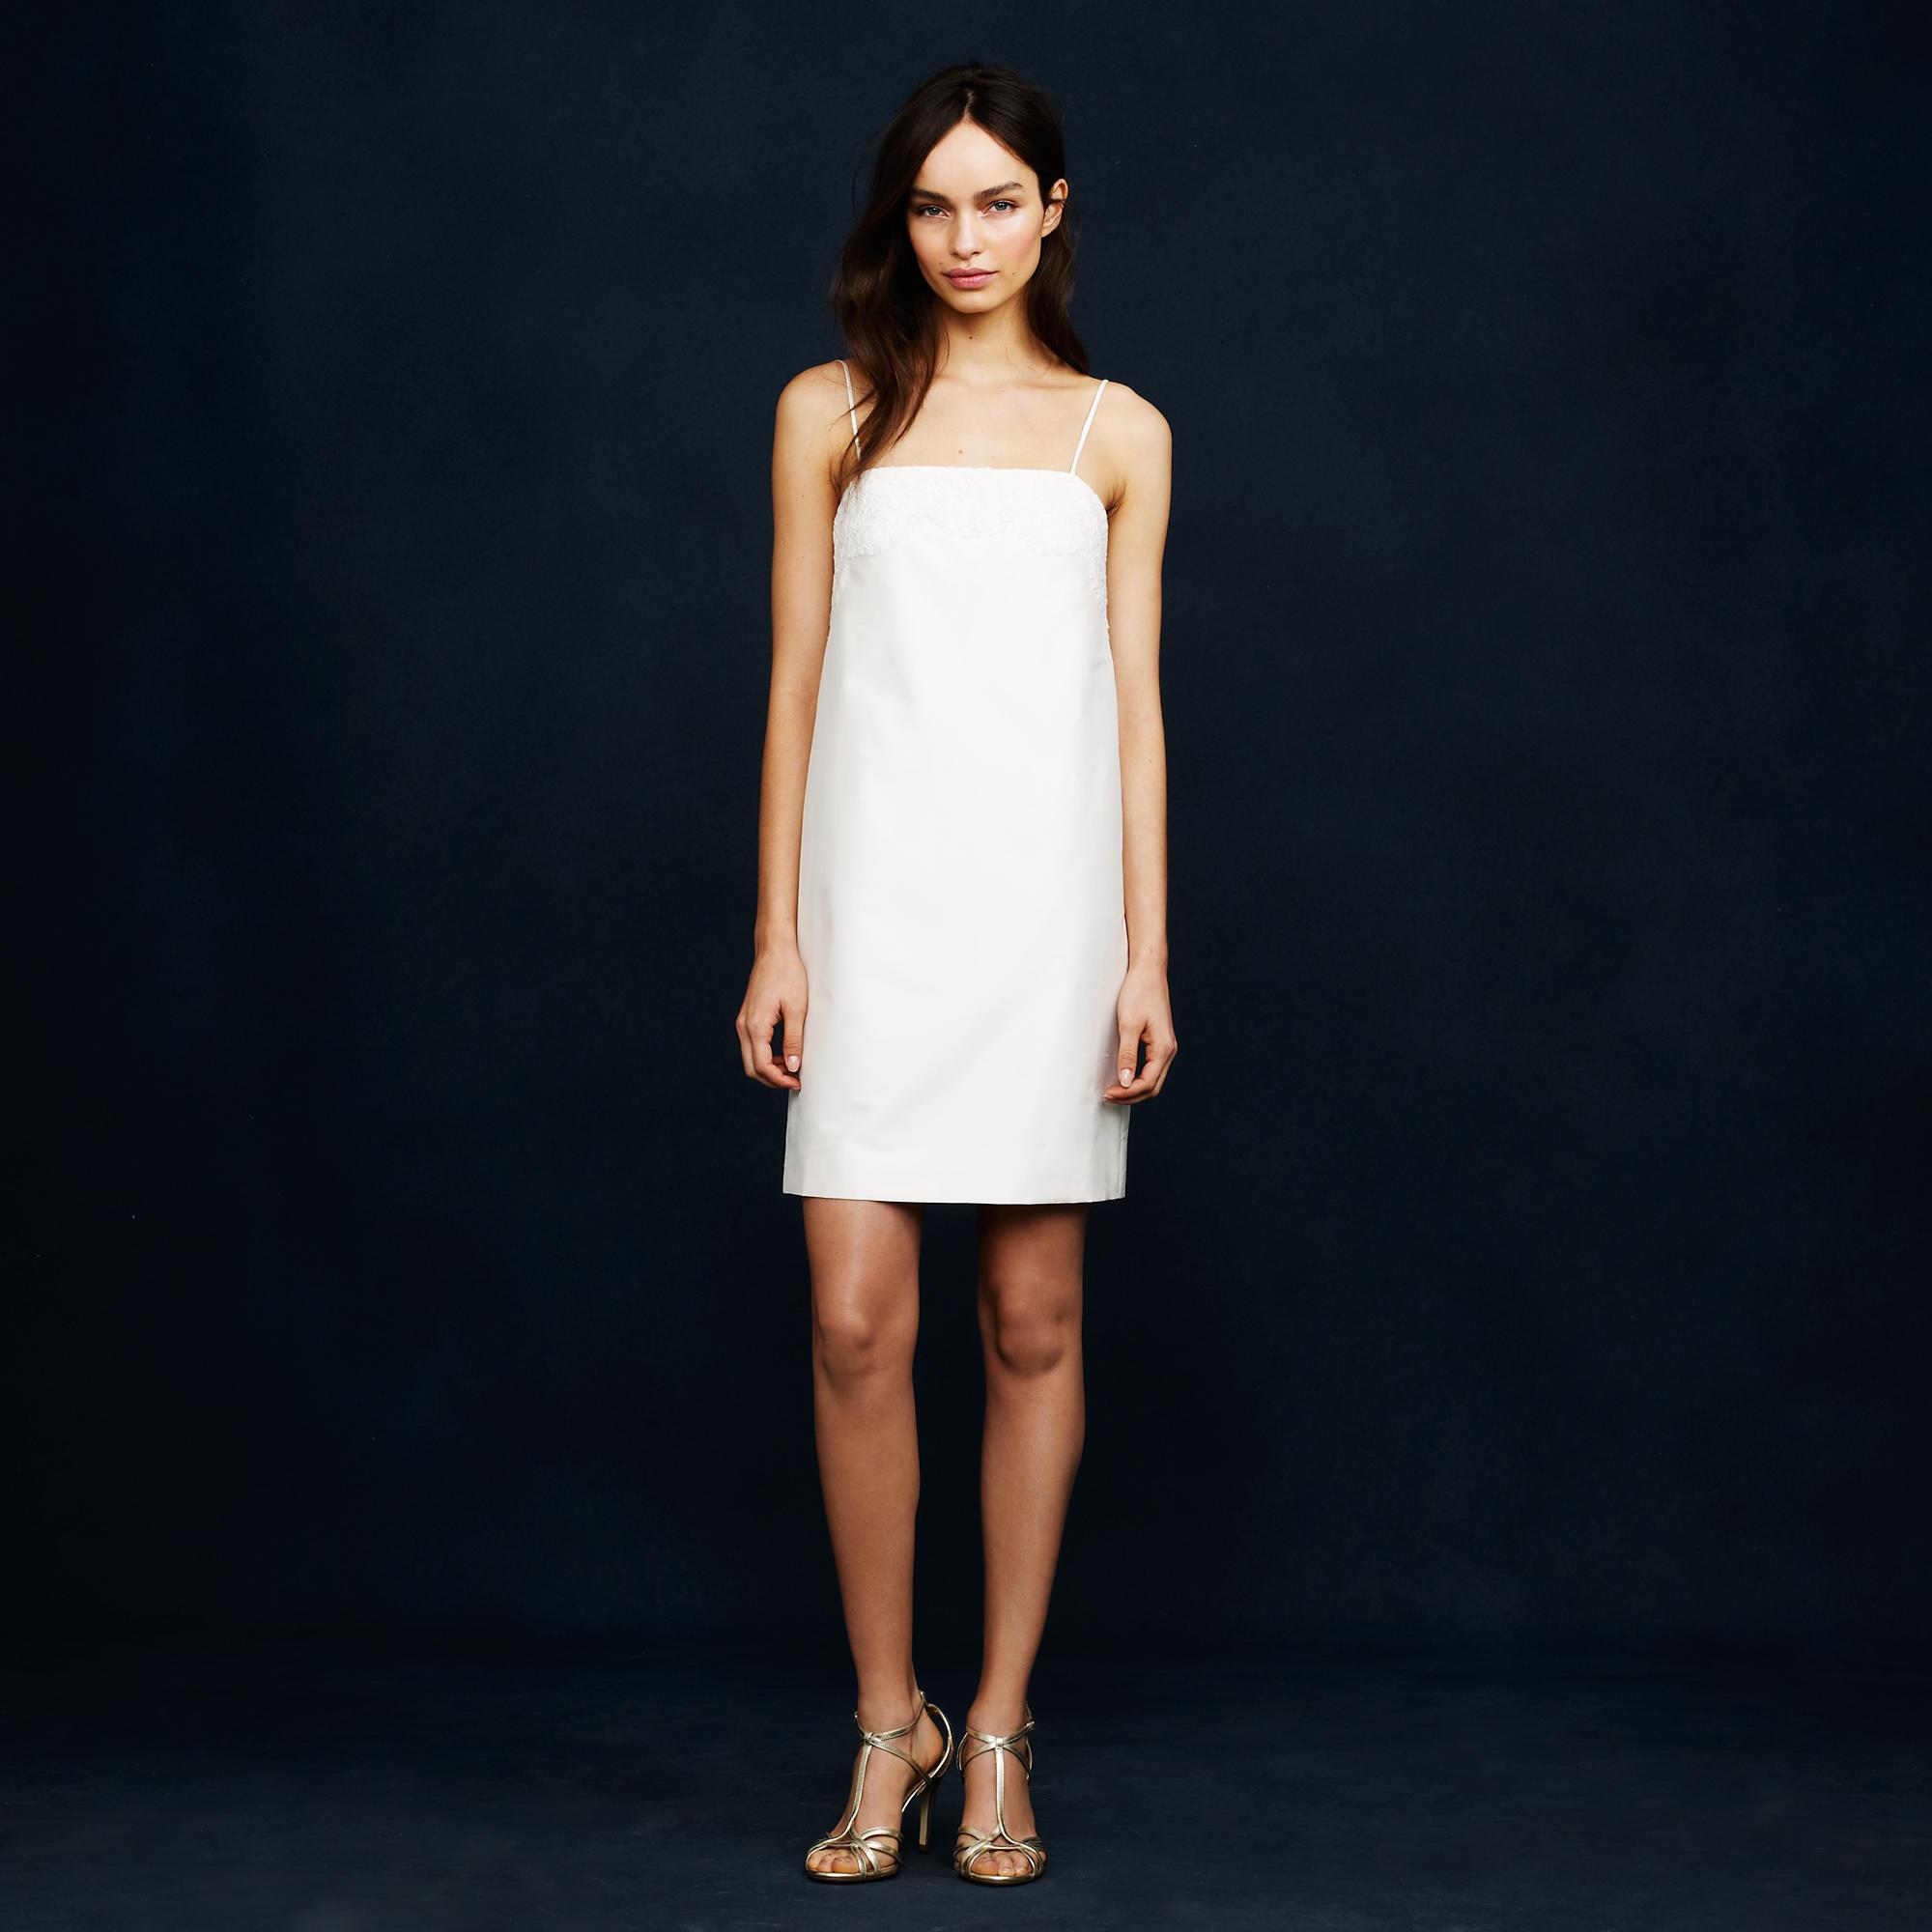 J.crew Lace-trim Mini-dress In White